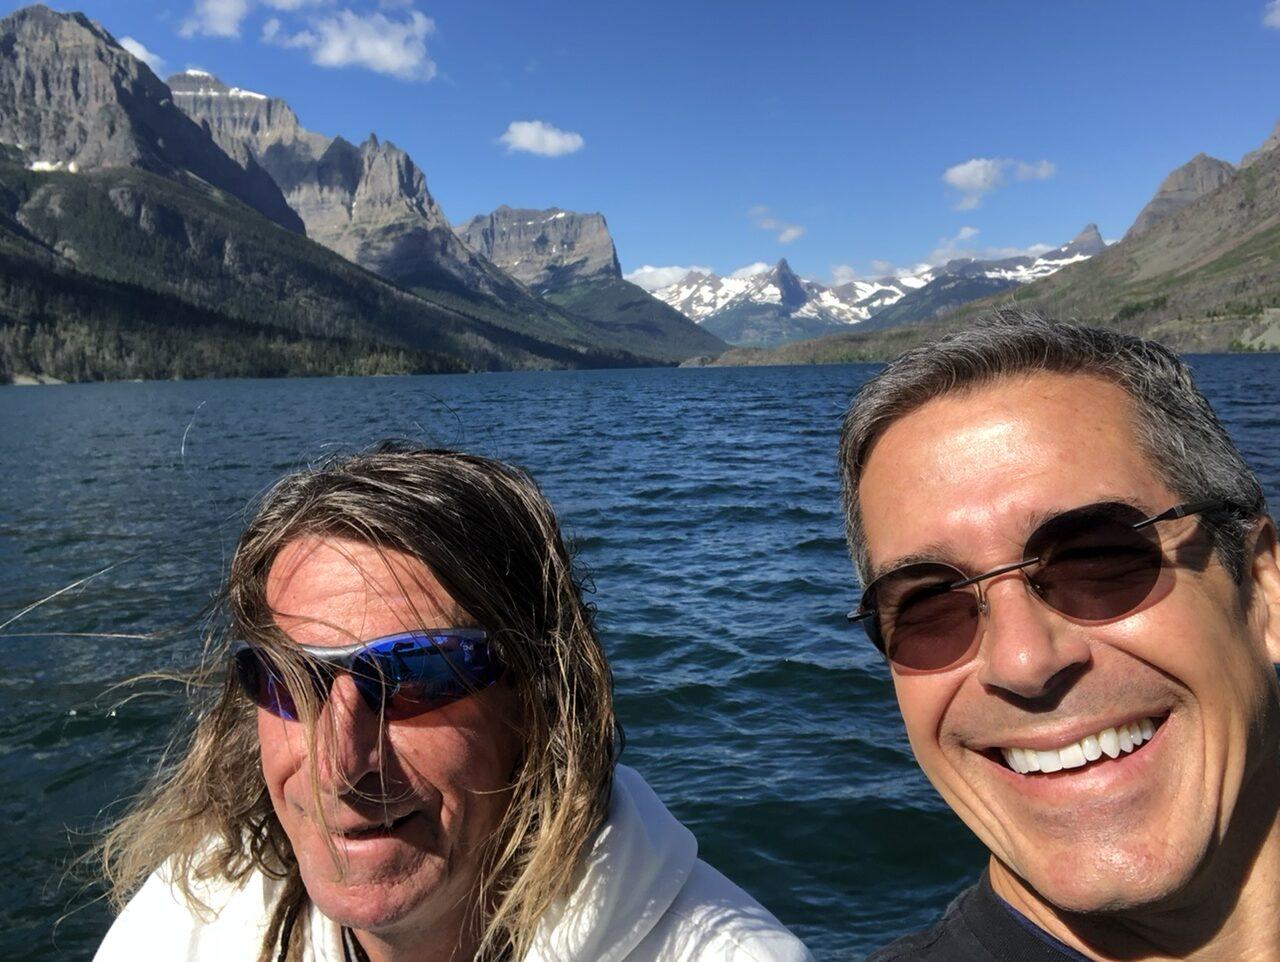 two men on a mountain lake boat